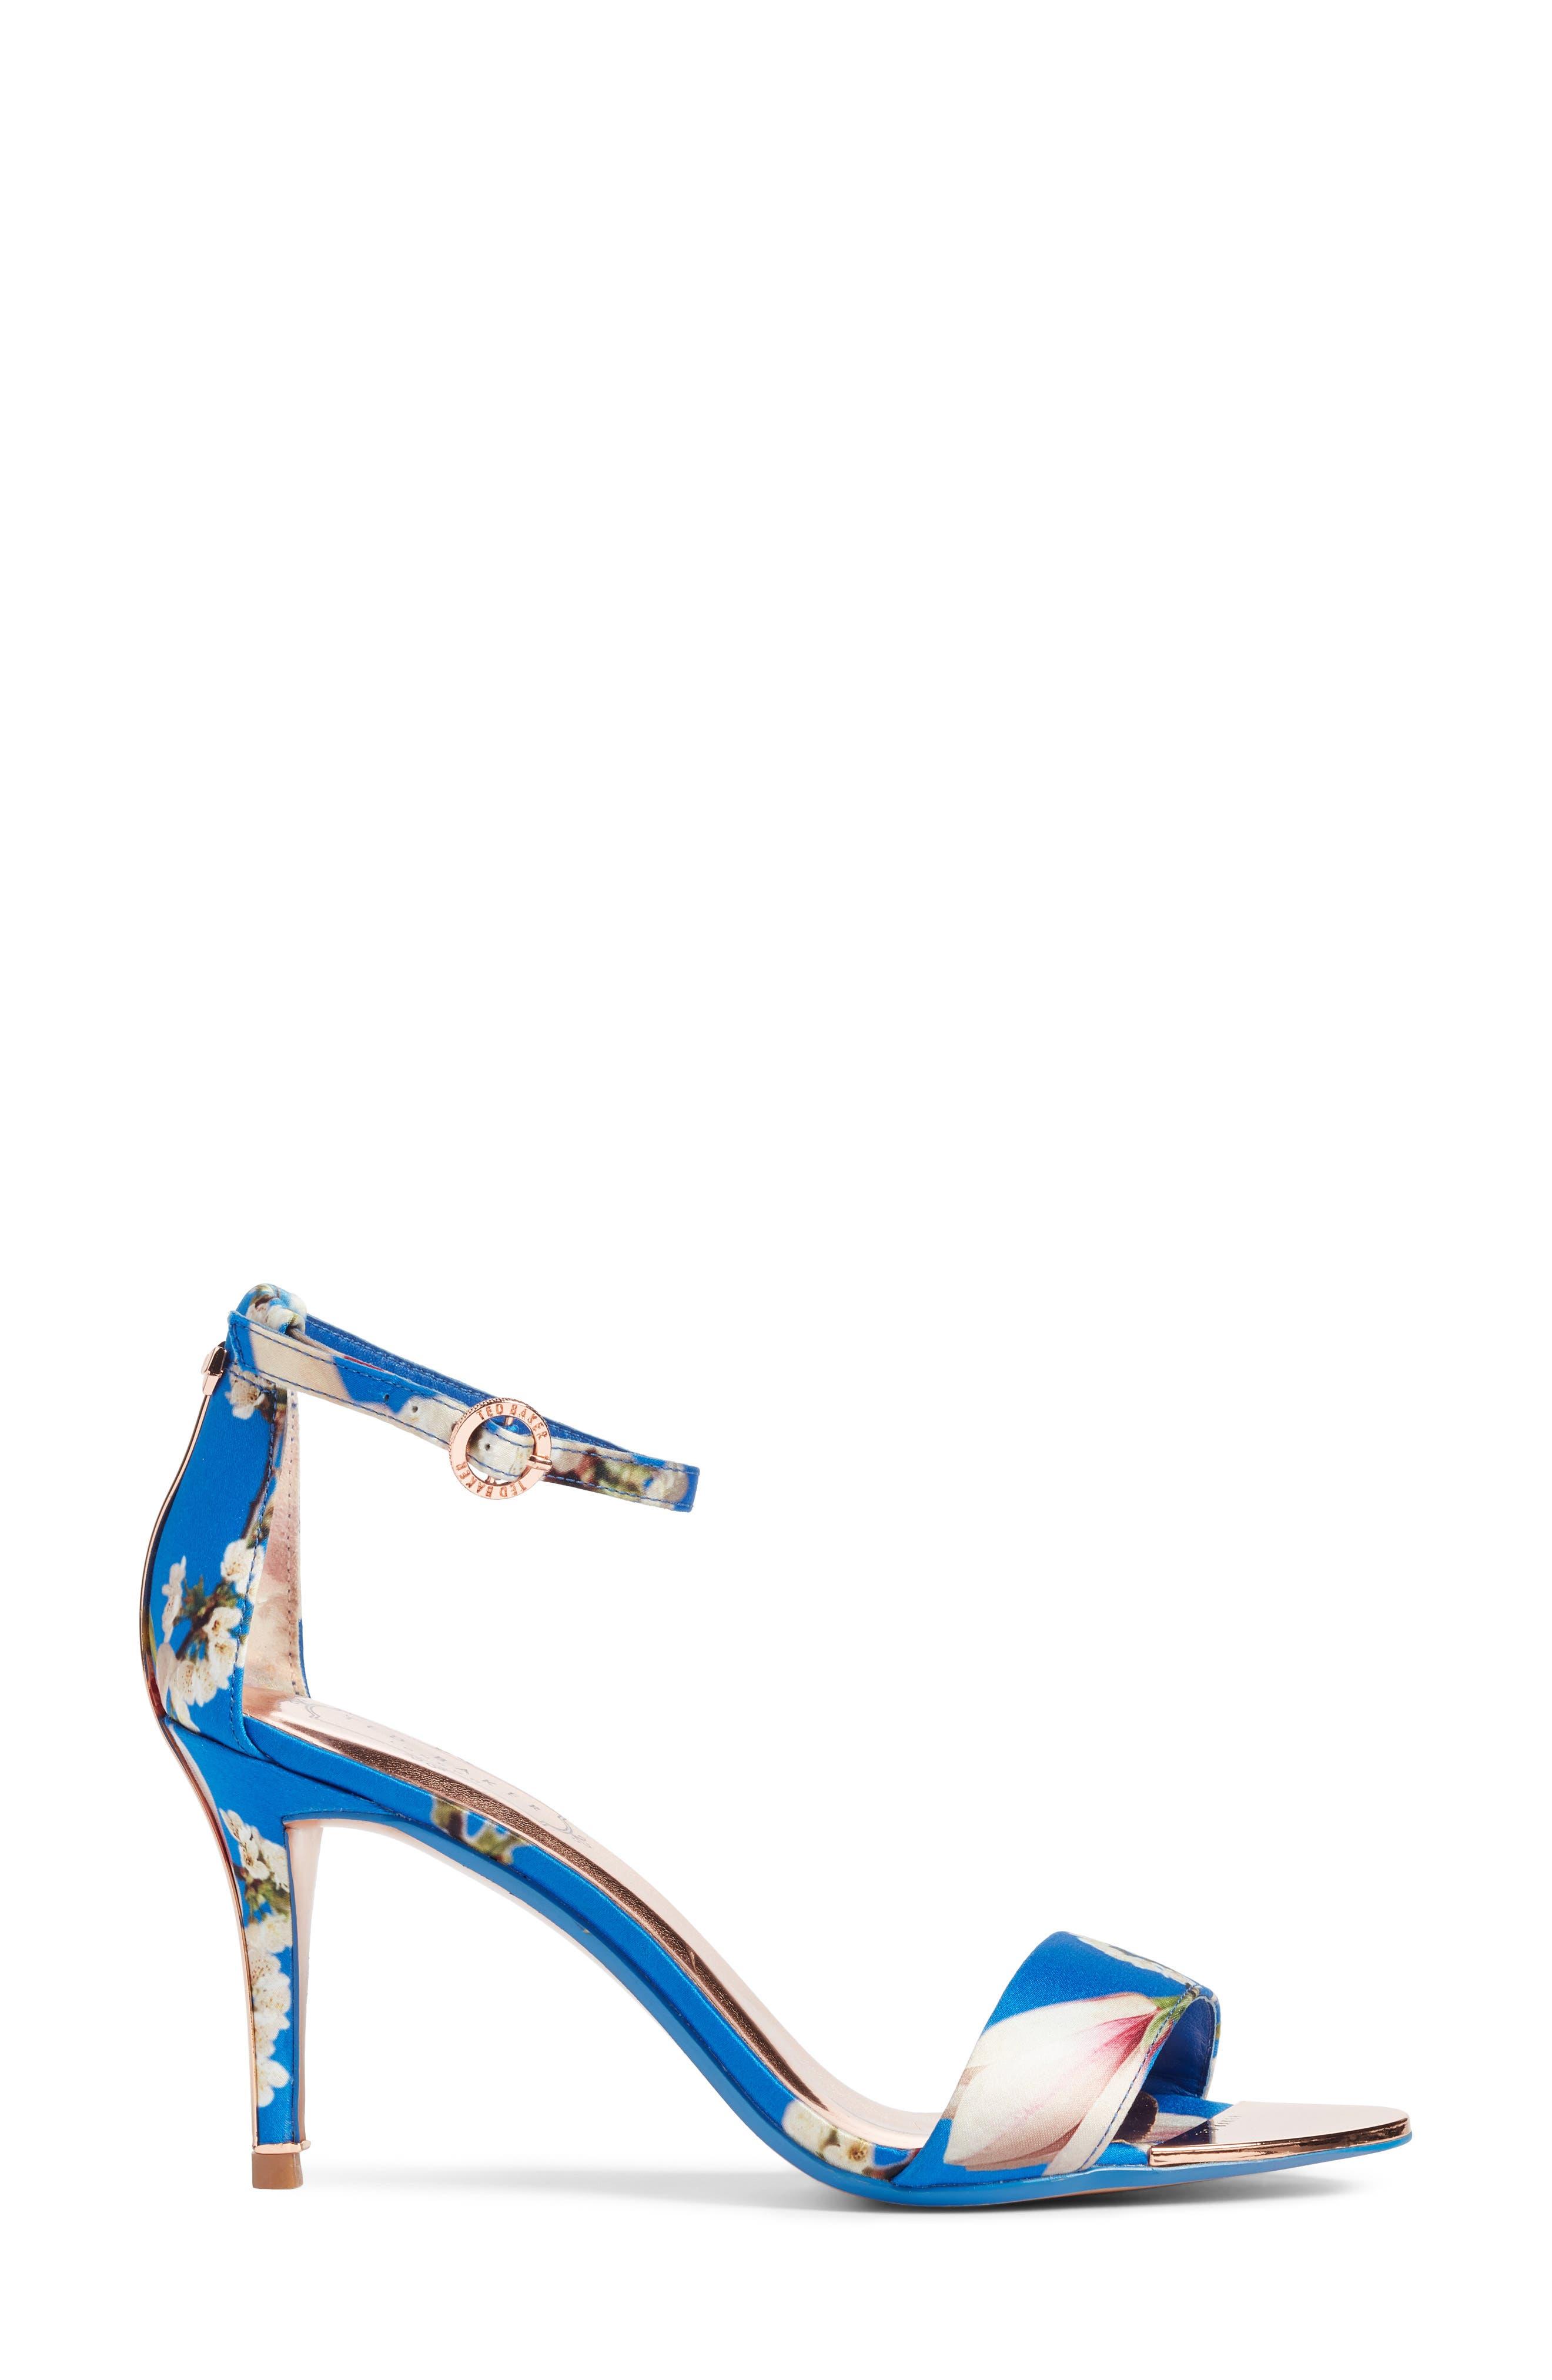 Mavbe Ankle Strap Sandal,                             Alternate thumbnail 3, color,                             BLUE HARMONY PRINT